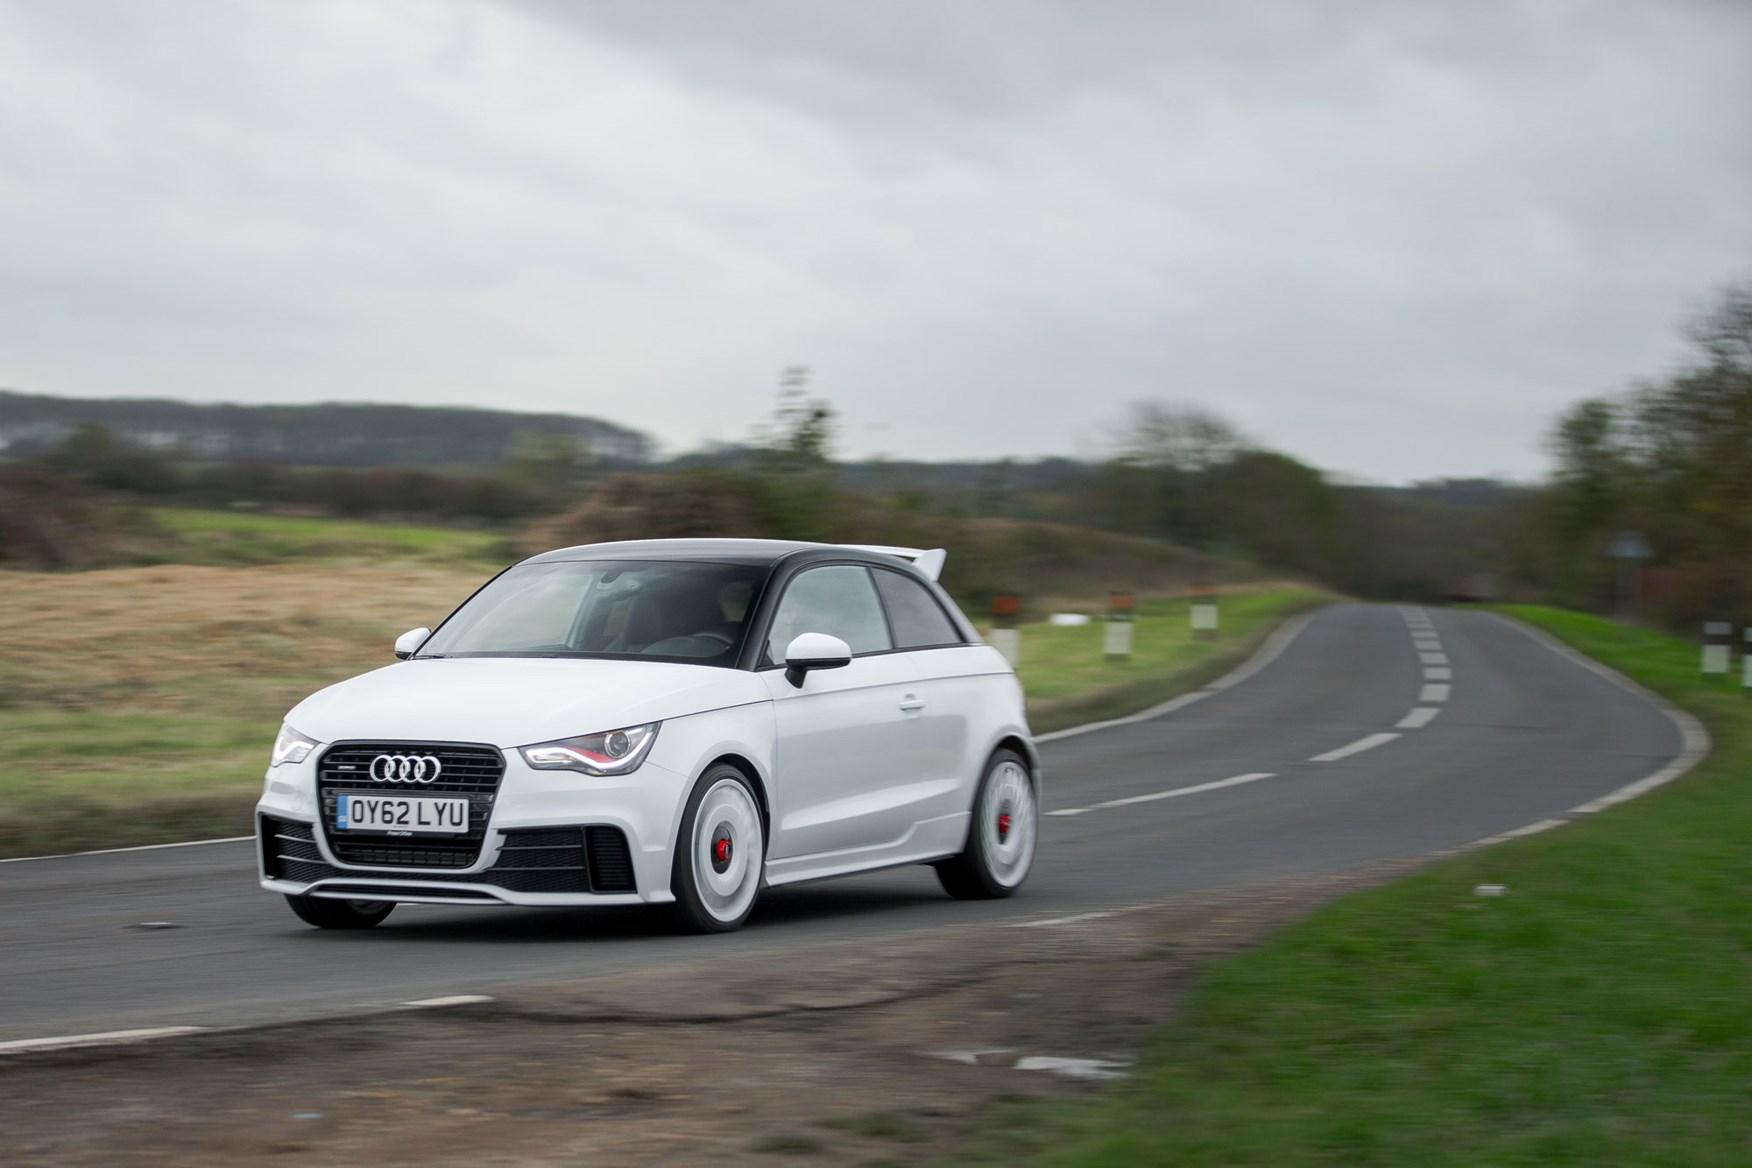 Audi S1 Sportback 2015 Long Term Test Review Car Magazine